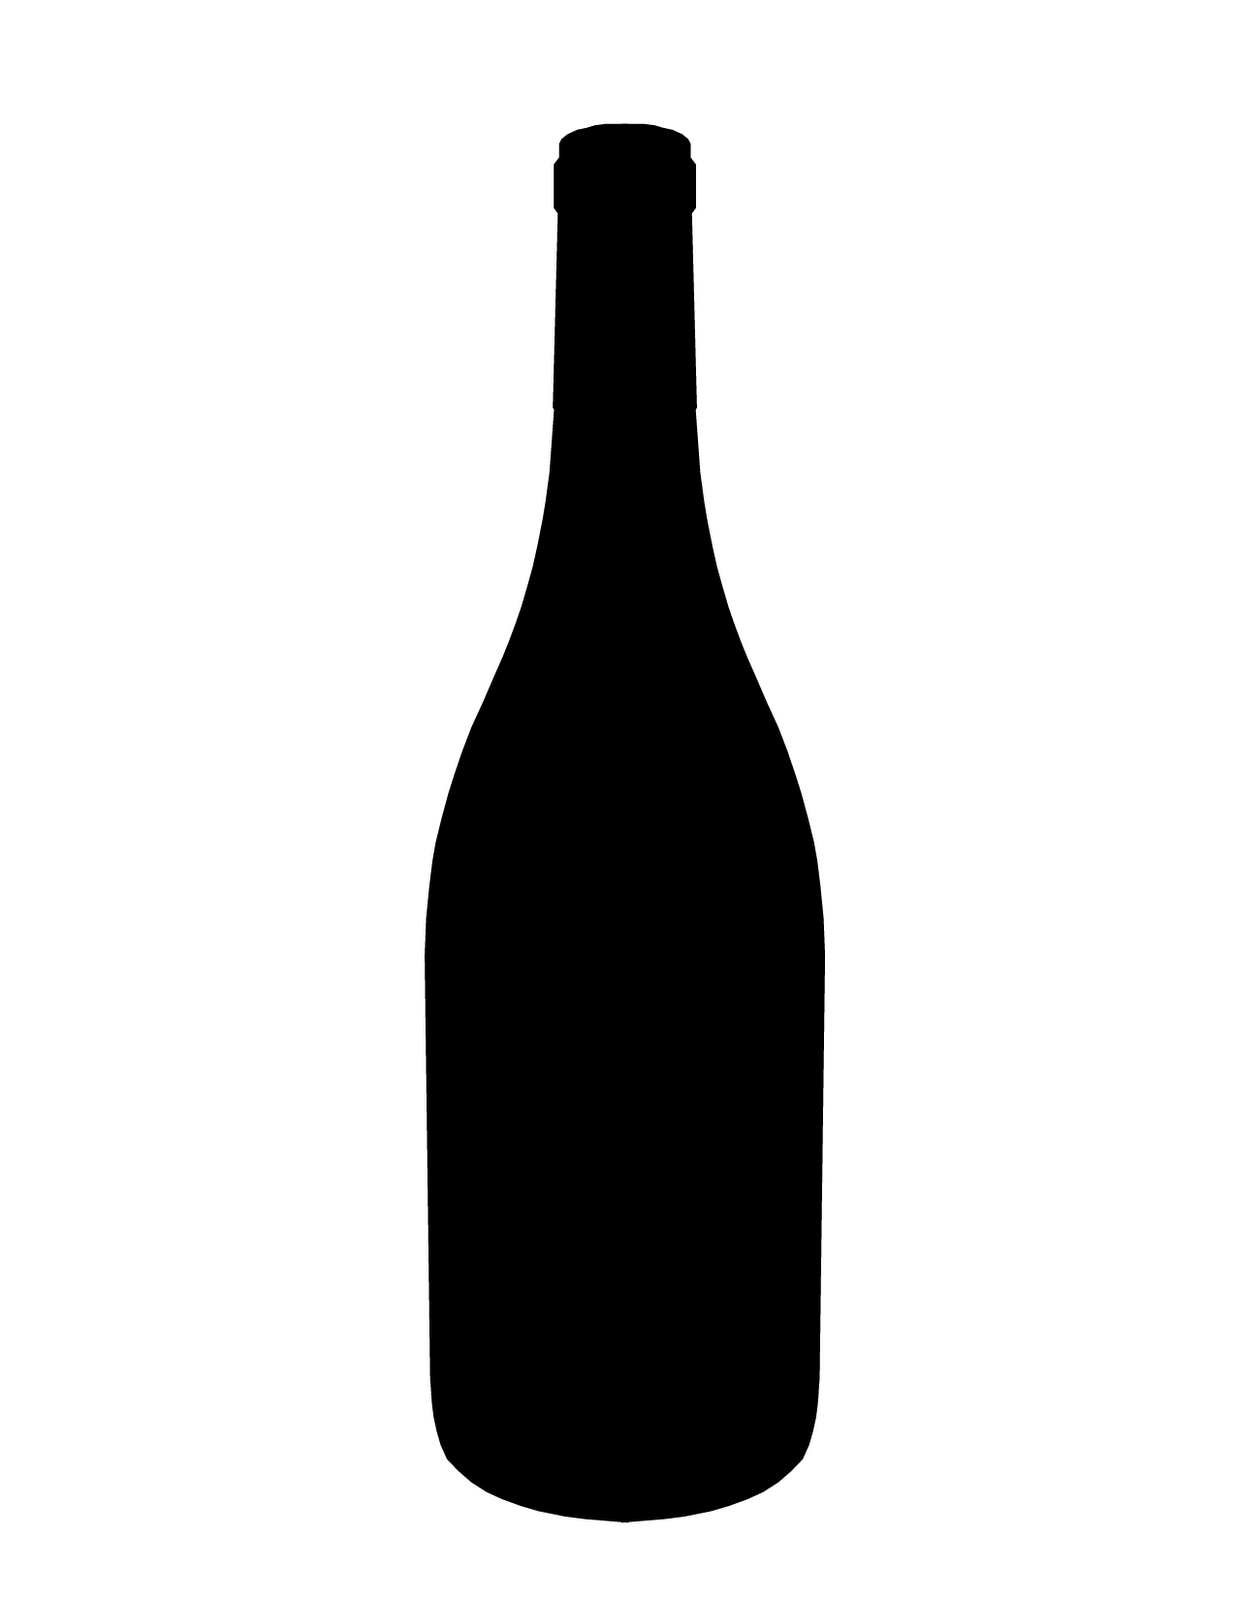 Manuel Jacquet's Blog and Designs: jacquet. wine bottle #3